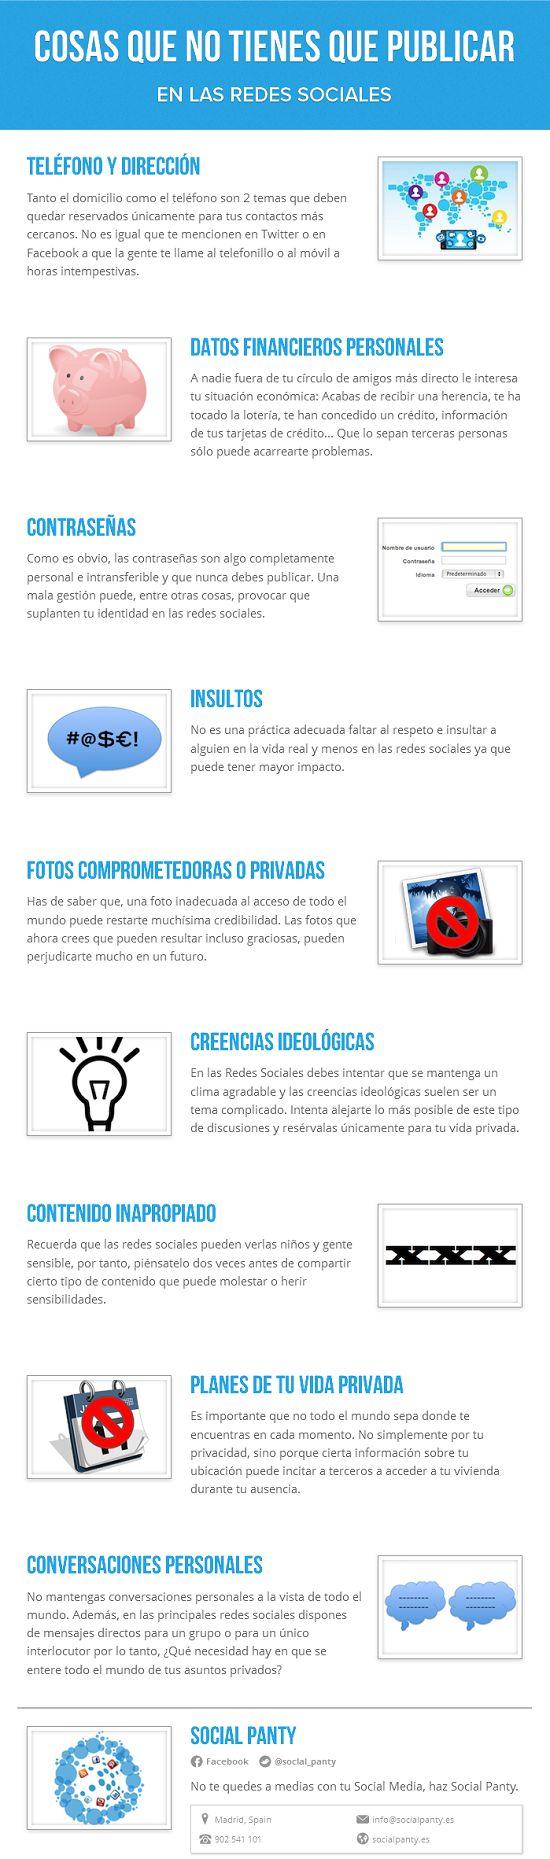 9 datos que nunca debes publicar en tus redes sociales #Infografía Escrito por Lilihana el 08/07/2014. Posteado en Redes Sociales Compa...